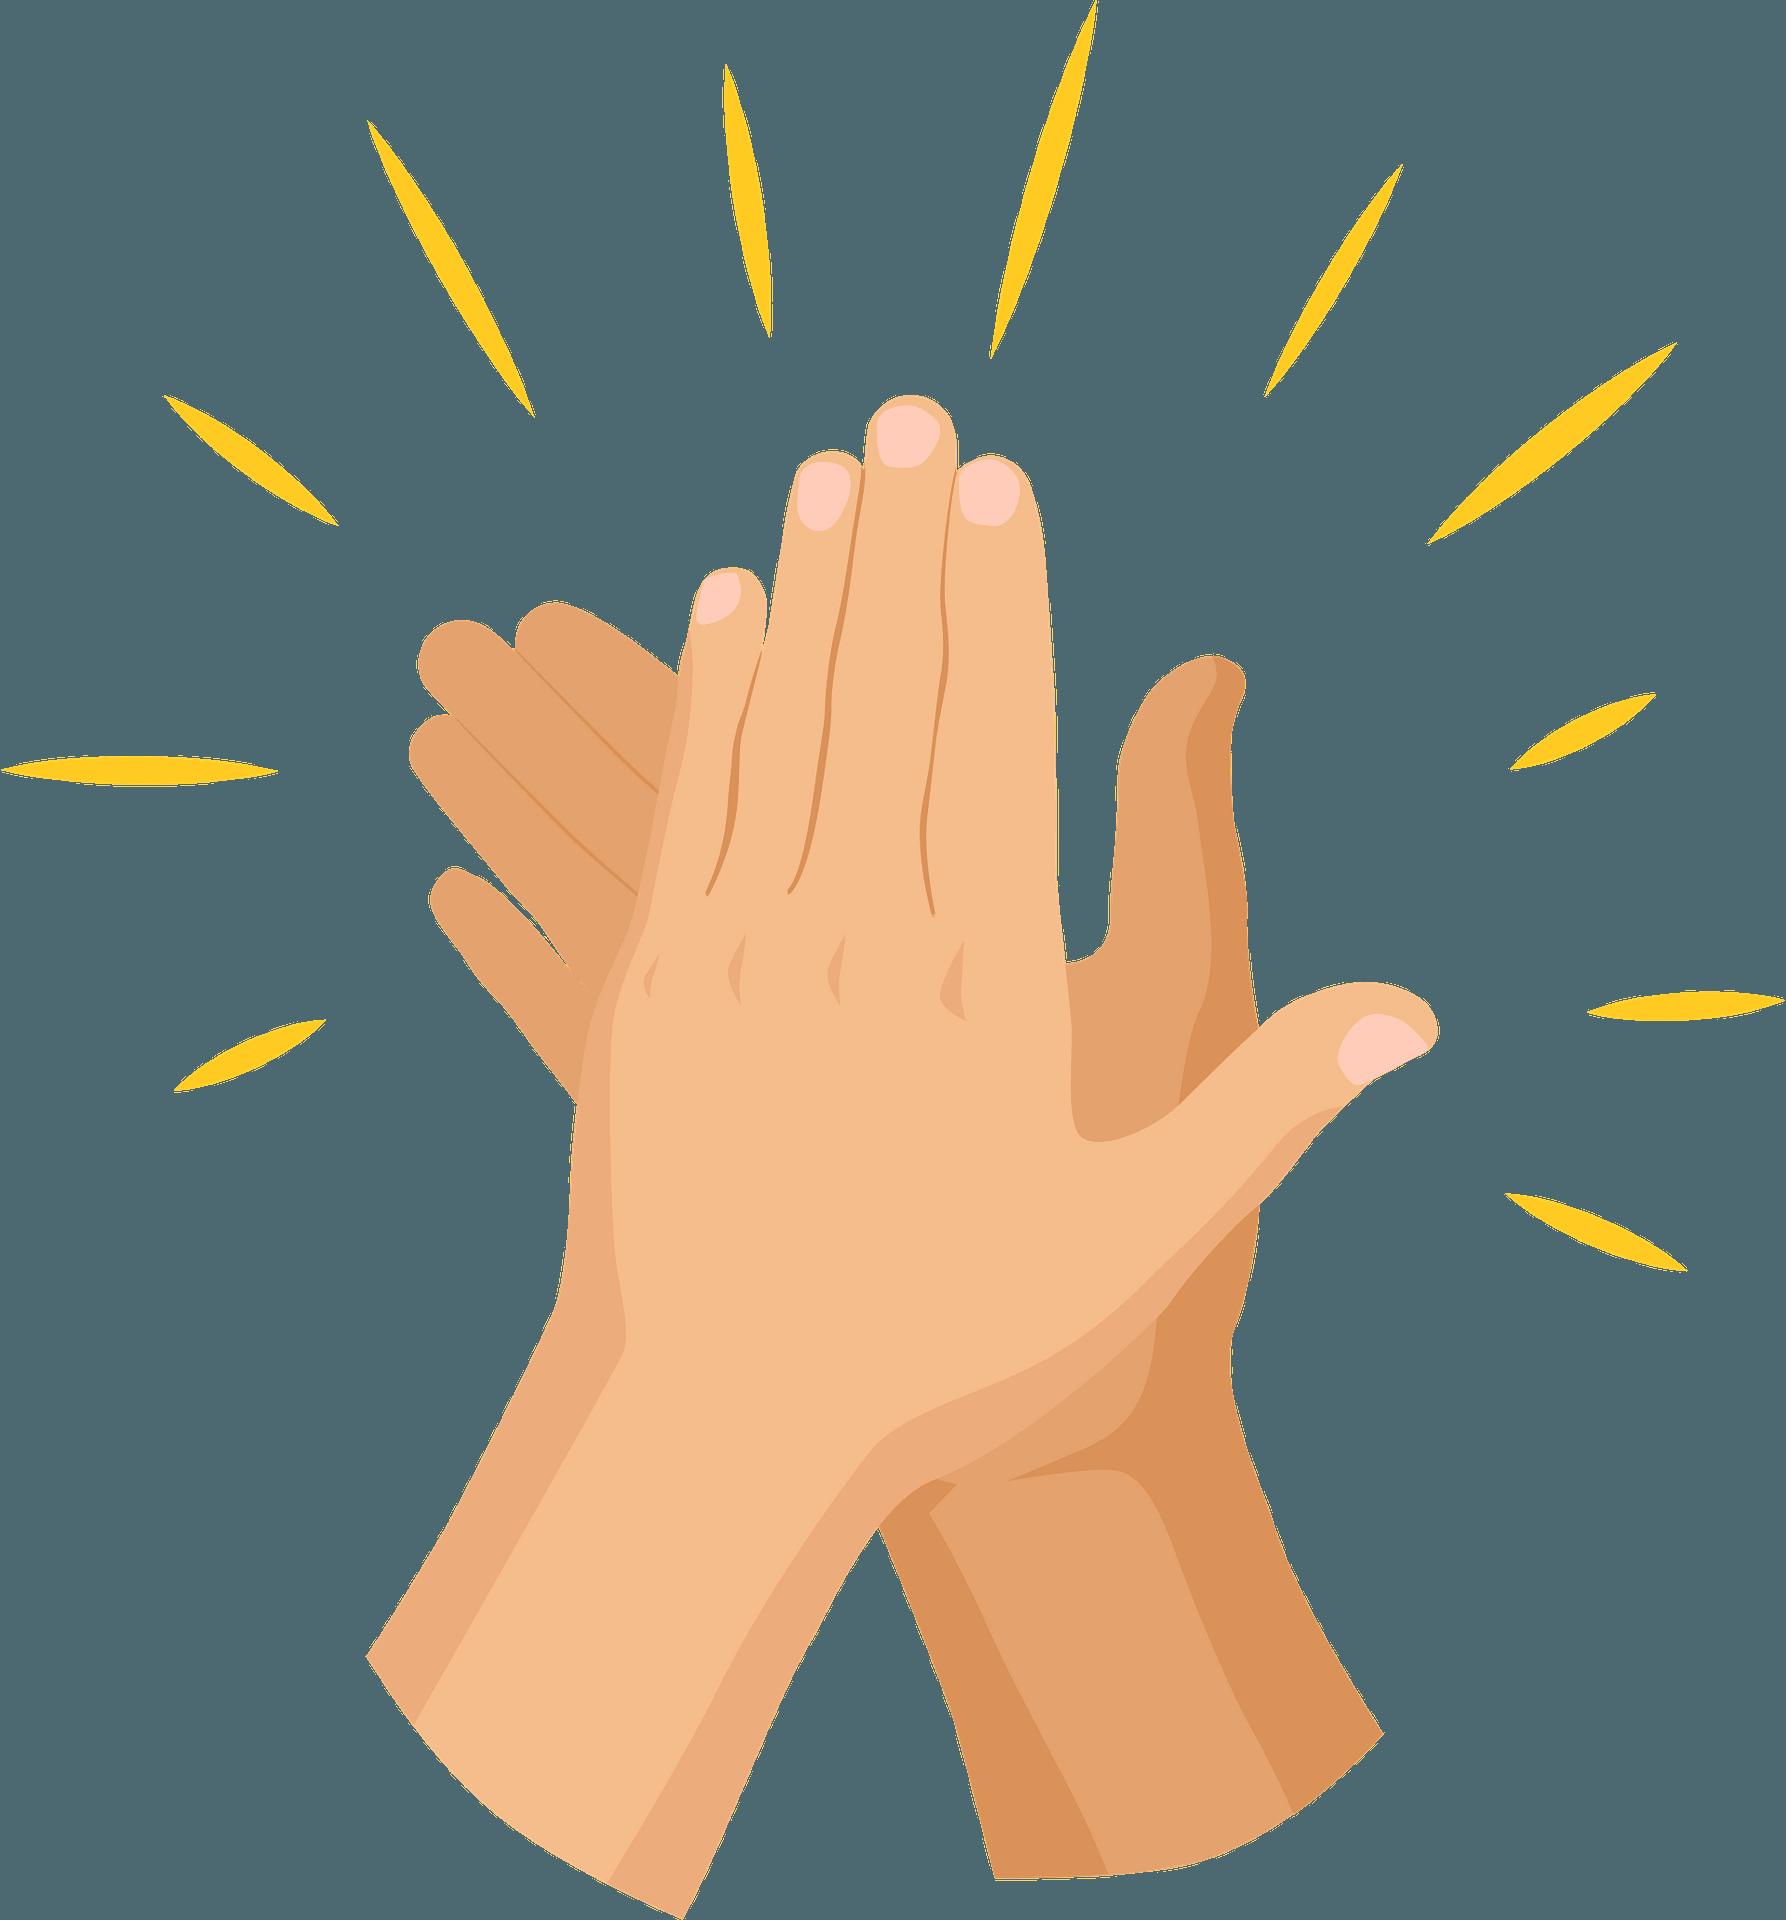 clapping hands clipart. free download transparent .png | creazilla  creazilla